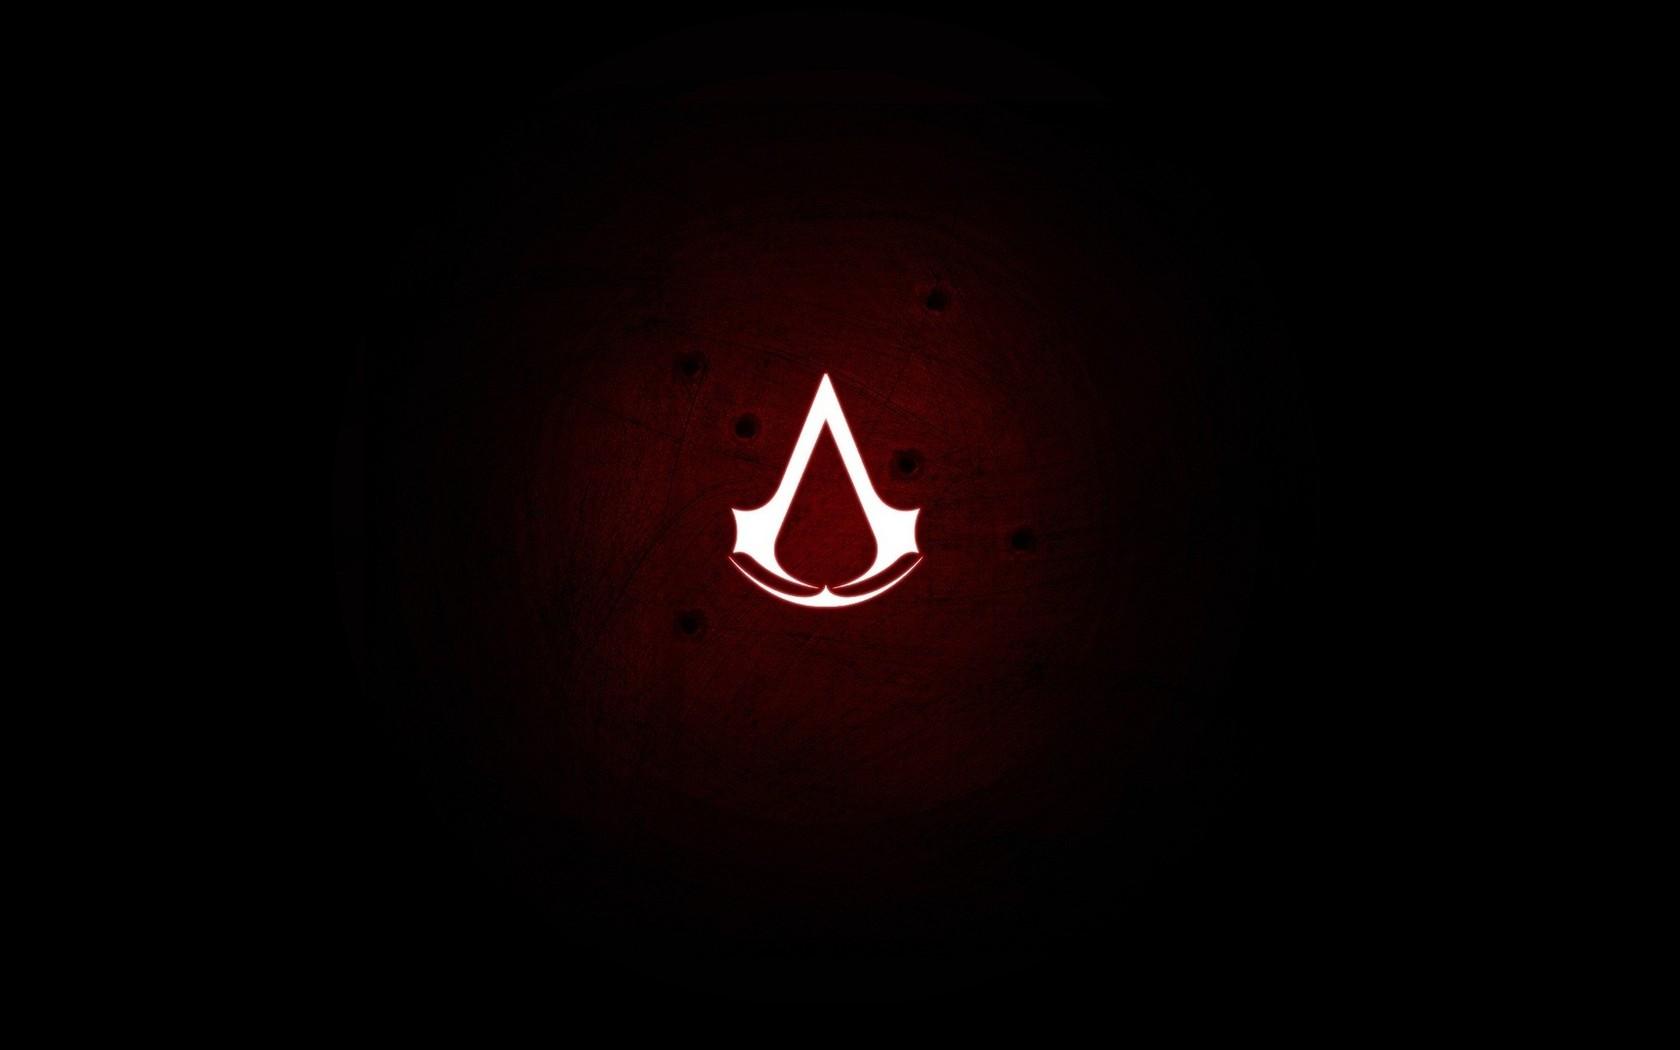 Assassin S Creed Car Emblem